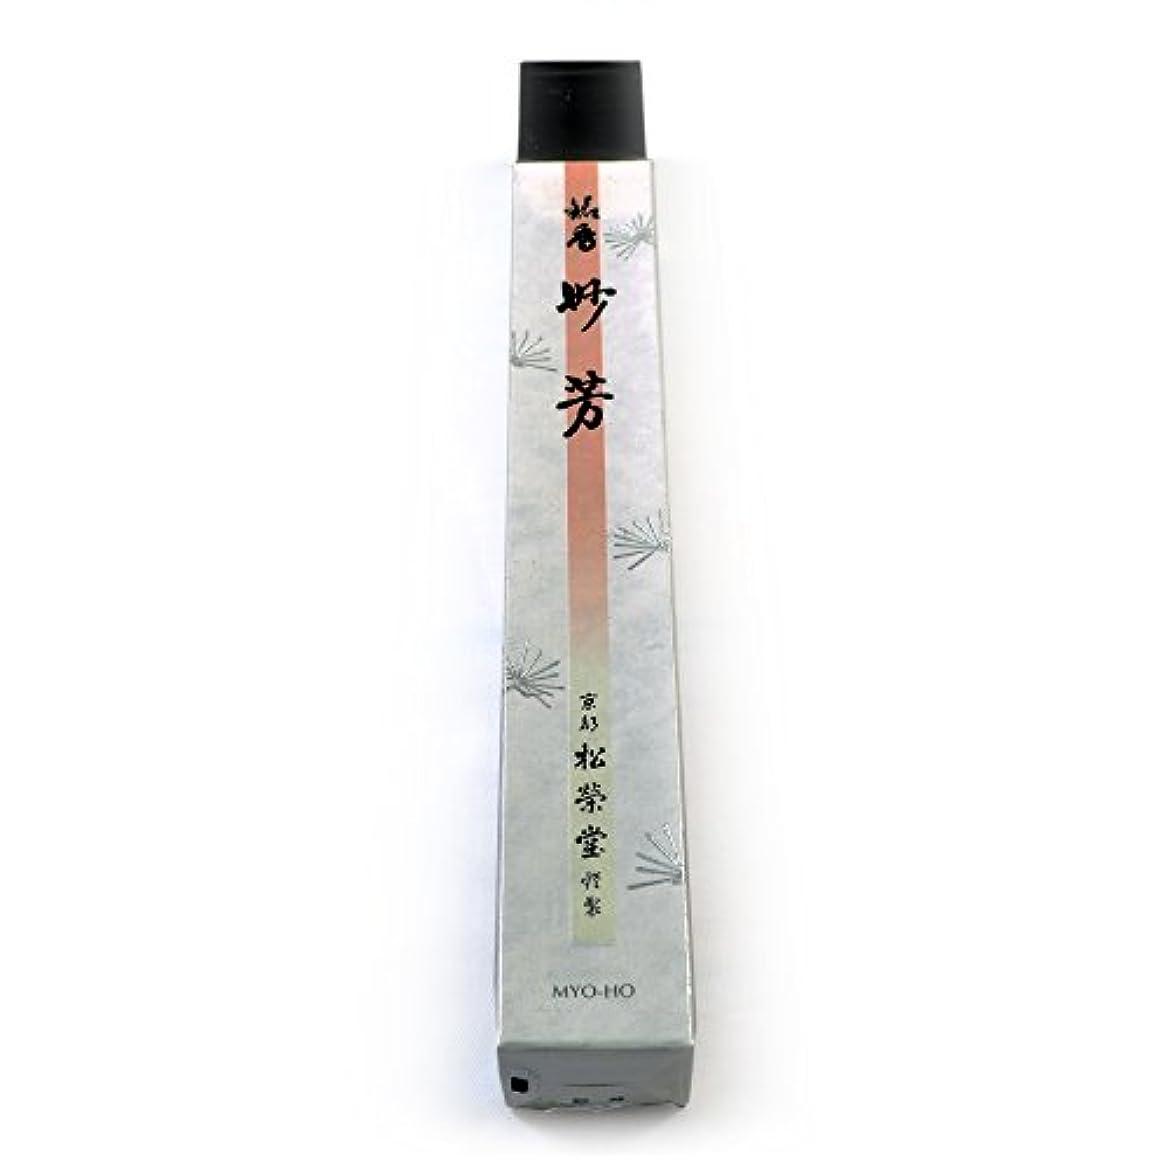 熟考する認識仮称myo-ho infinity Japanese Incense Sticks